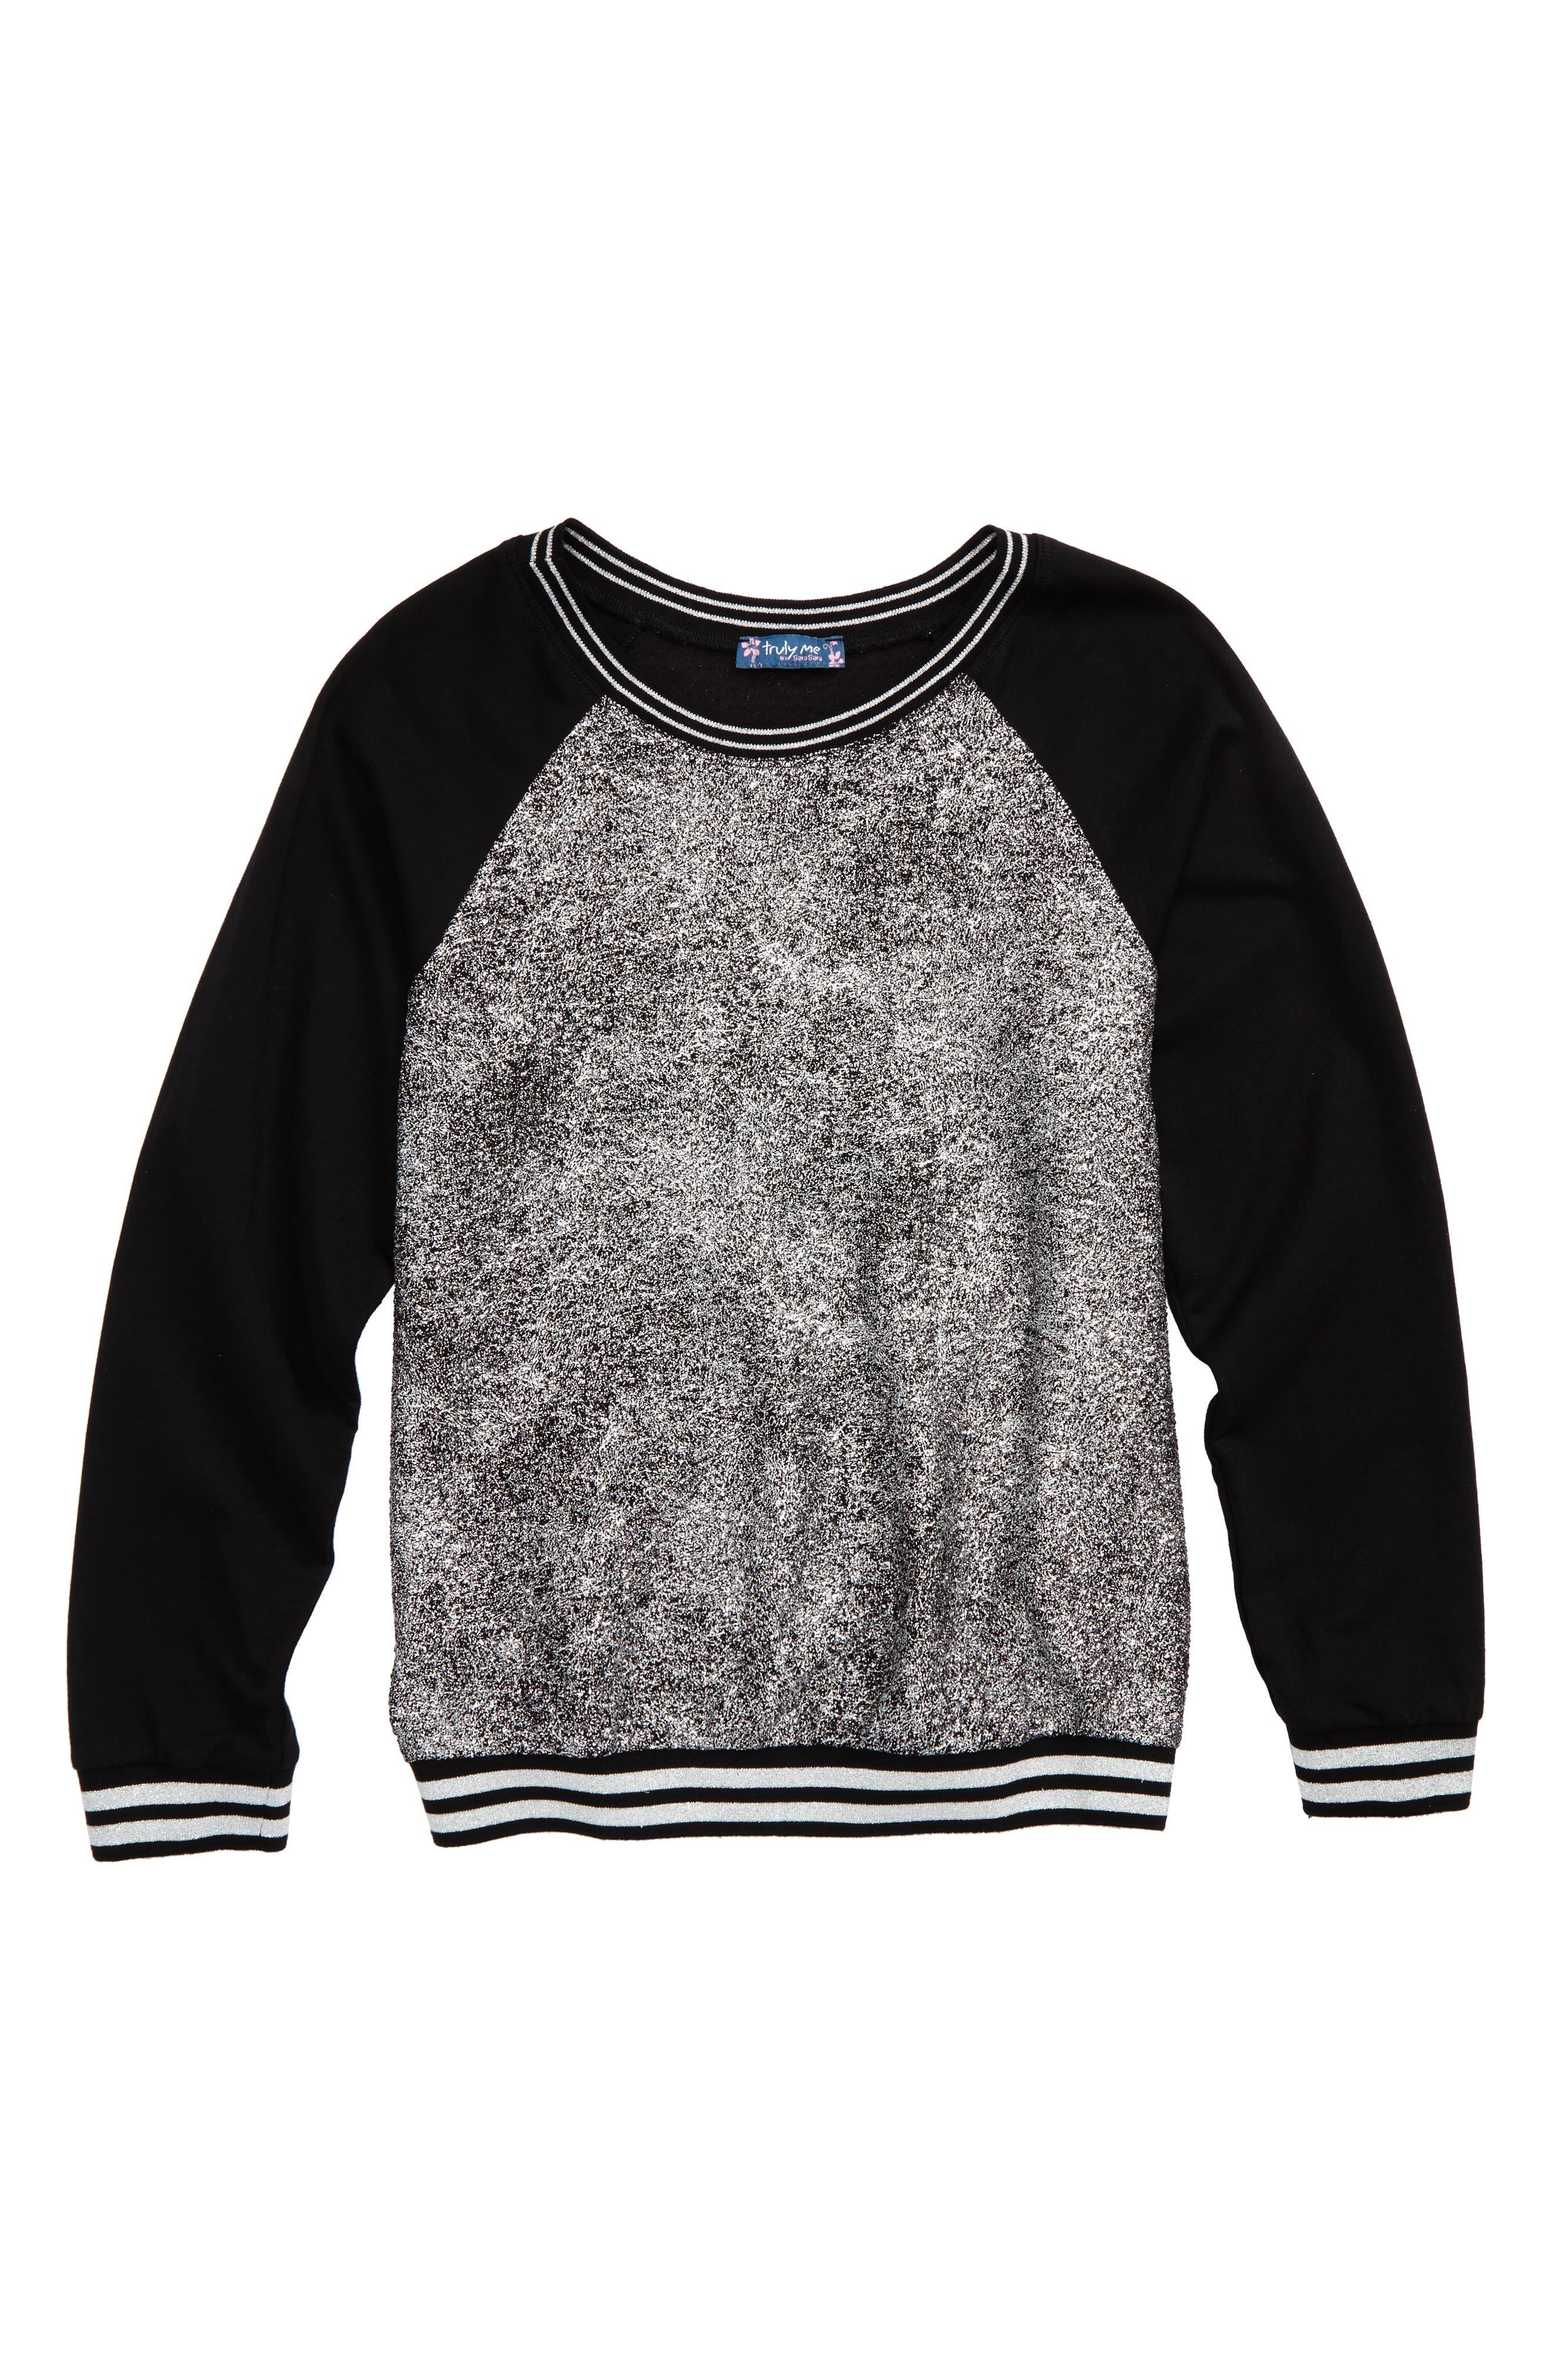 Alternate Image 1 Selected - Truly Me Metallic Sweatshirt (Big Girls)